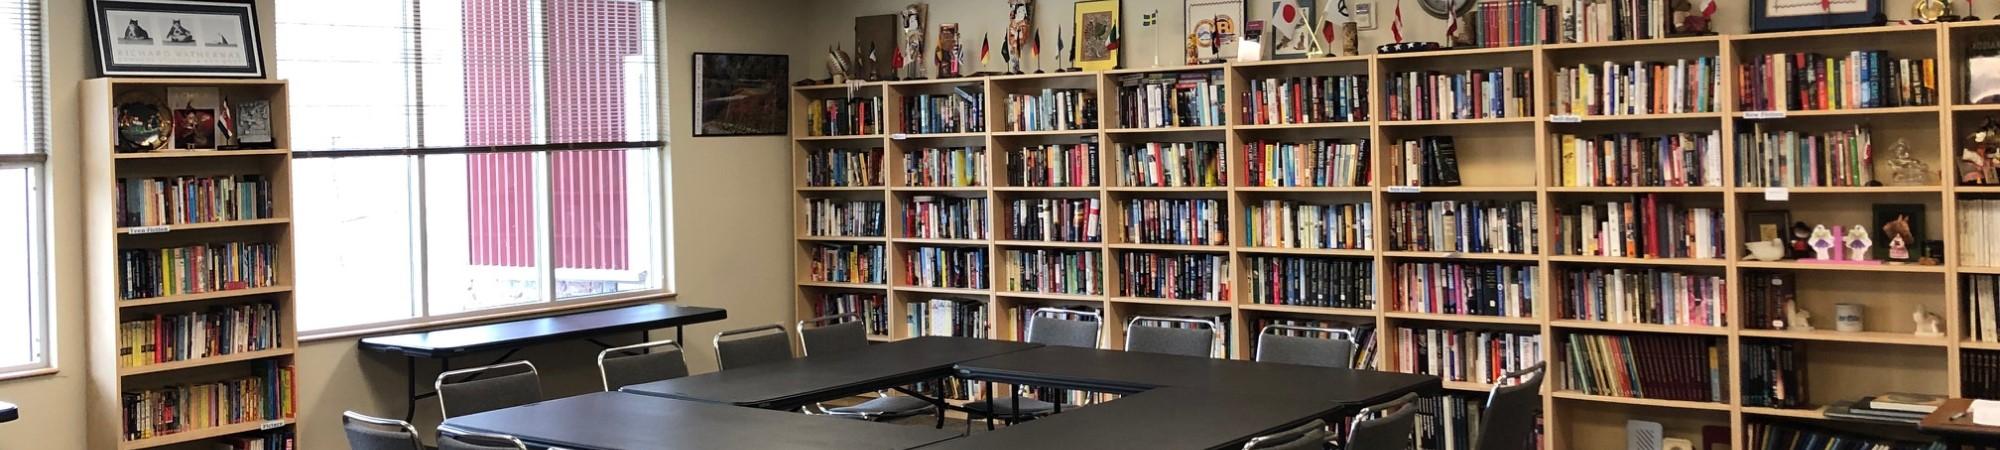 Alice Studt Library, Braham Event Center, Braham, MN